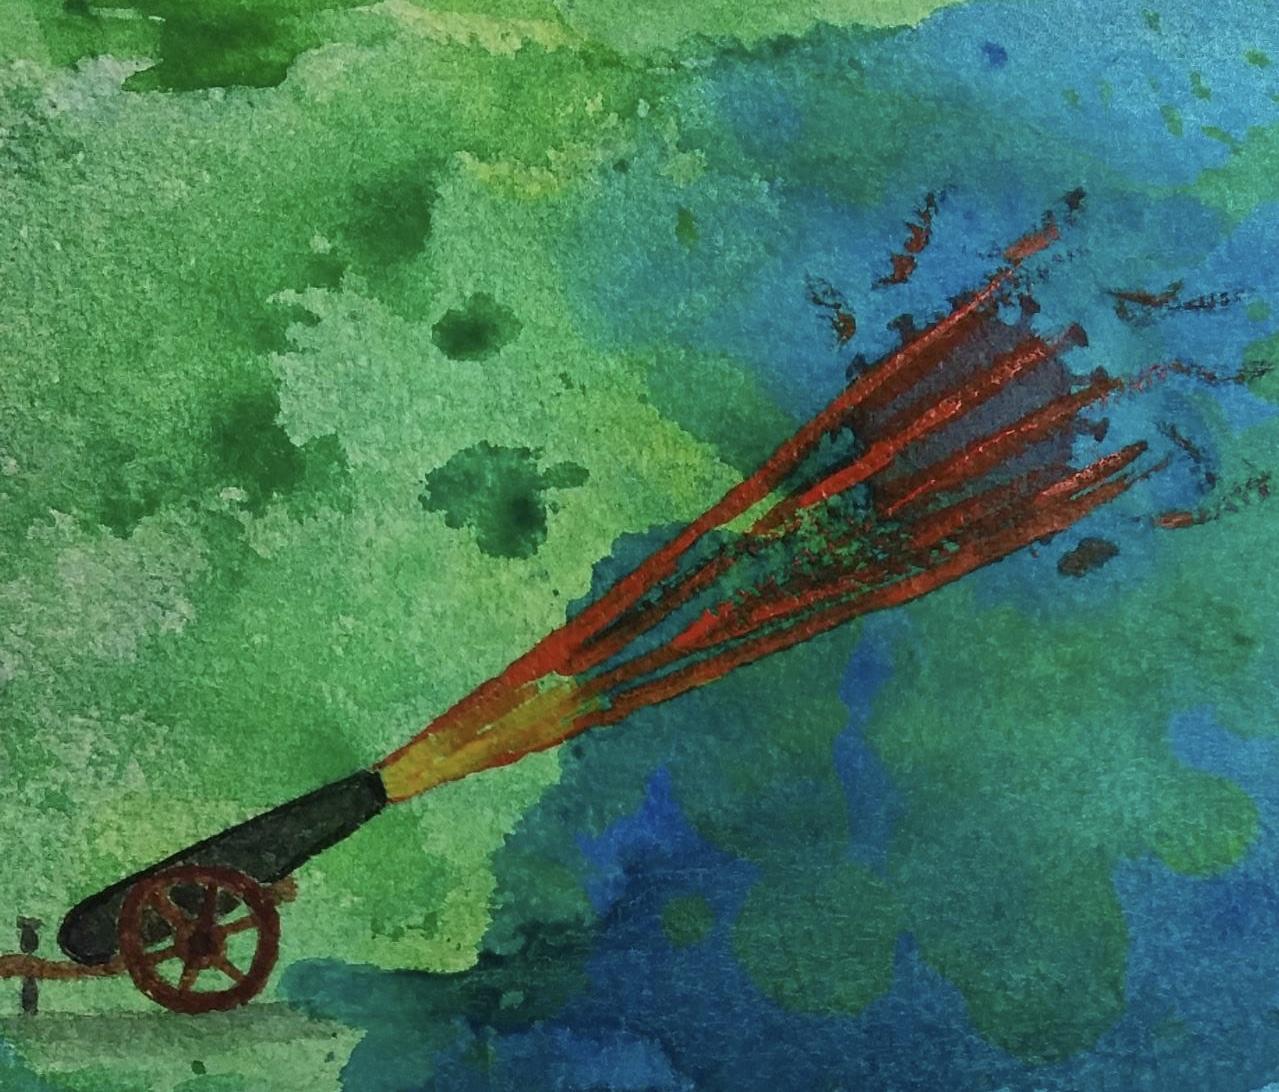 Конюшкова Наталья / тема «Фантазия: победа над коронавирусом» / акварель